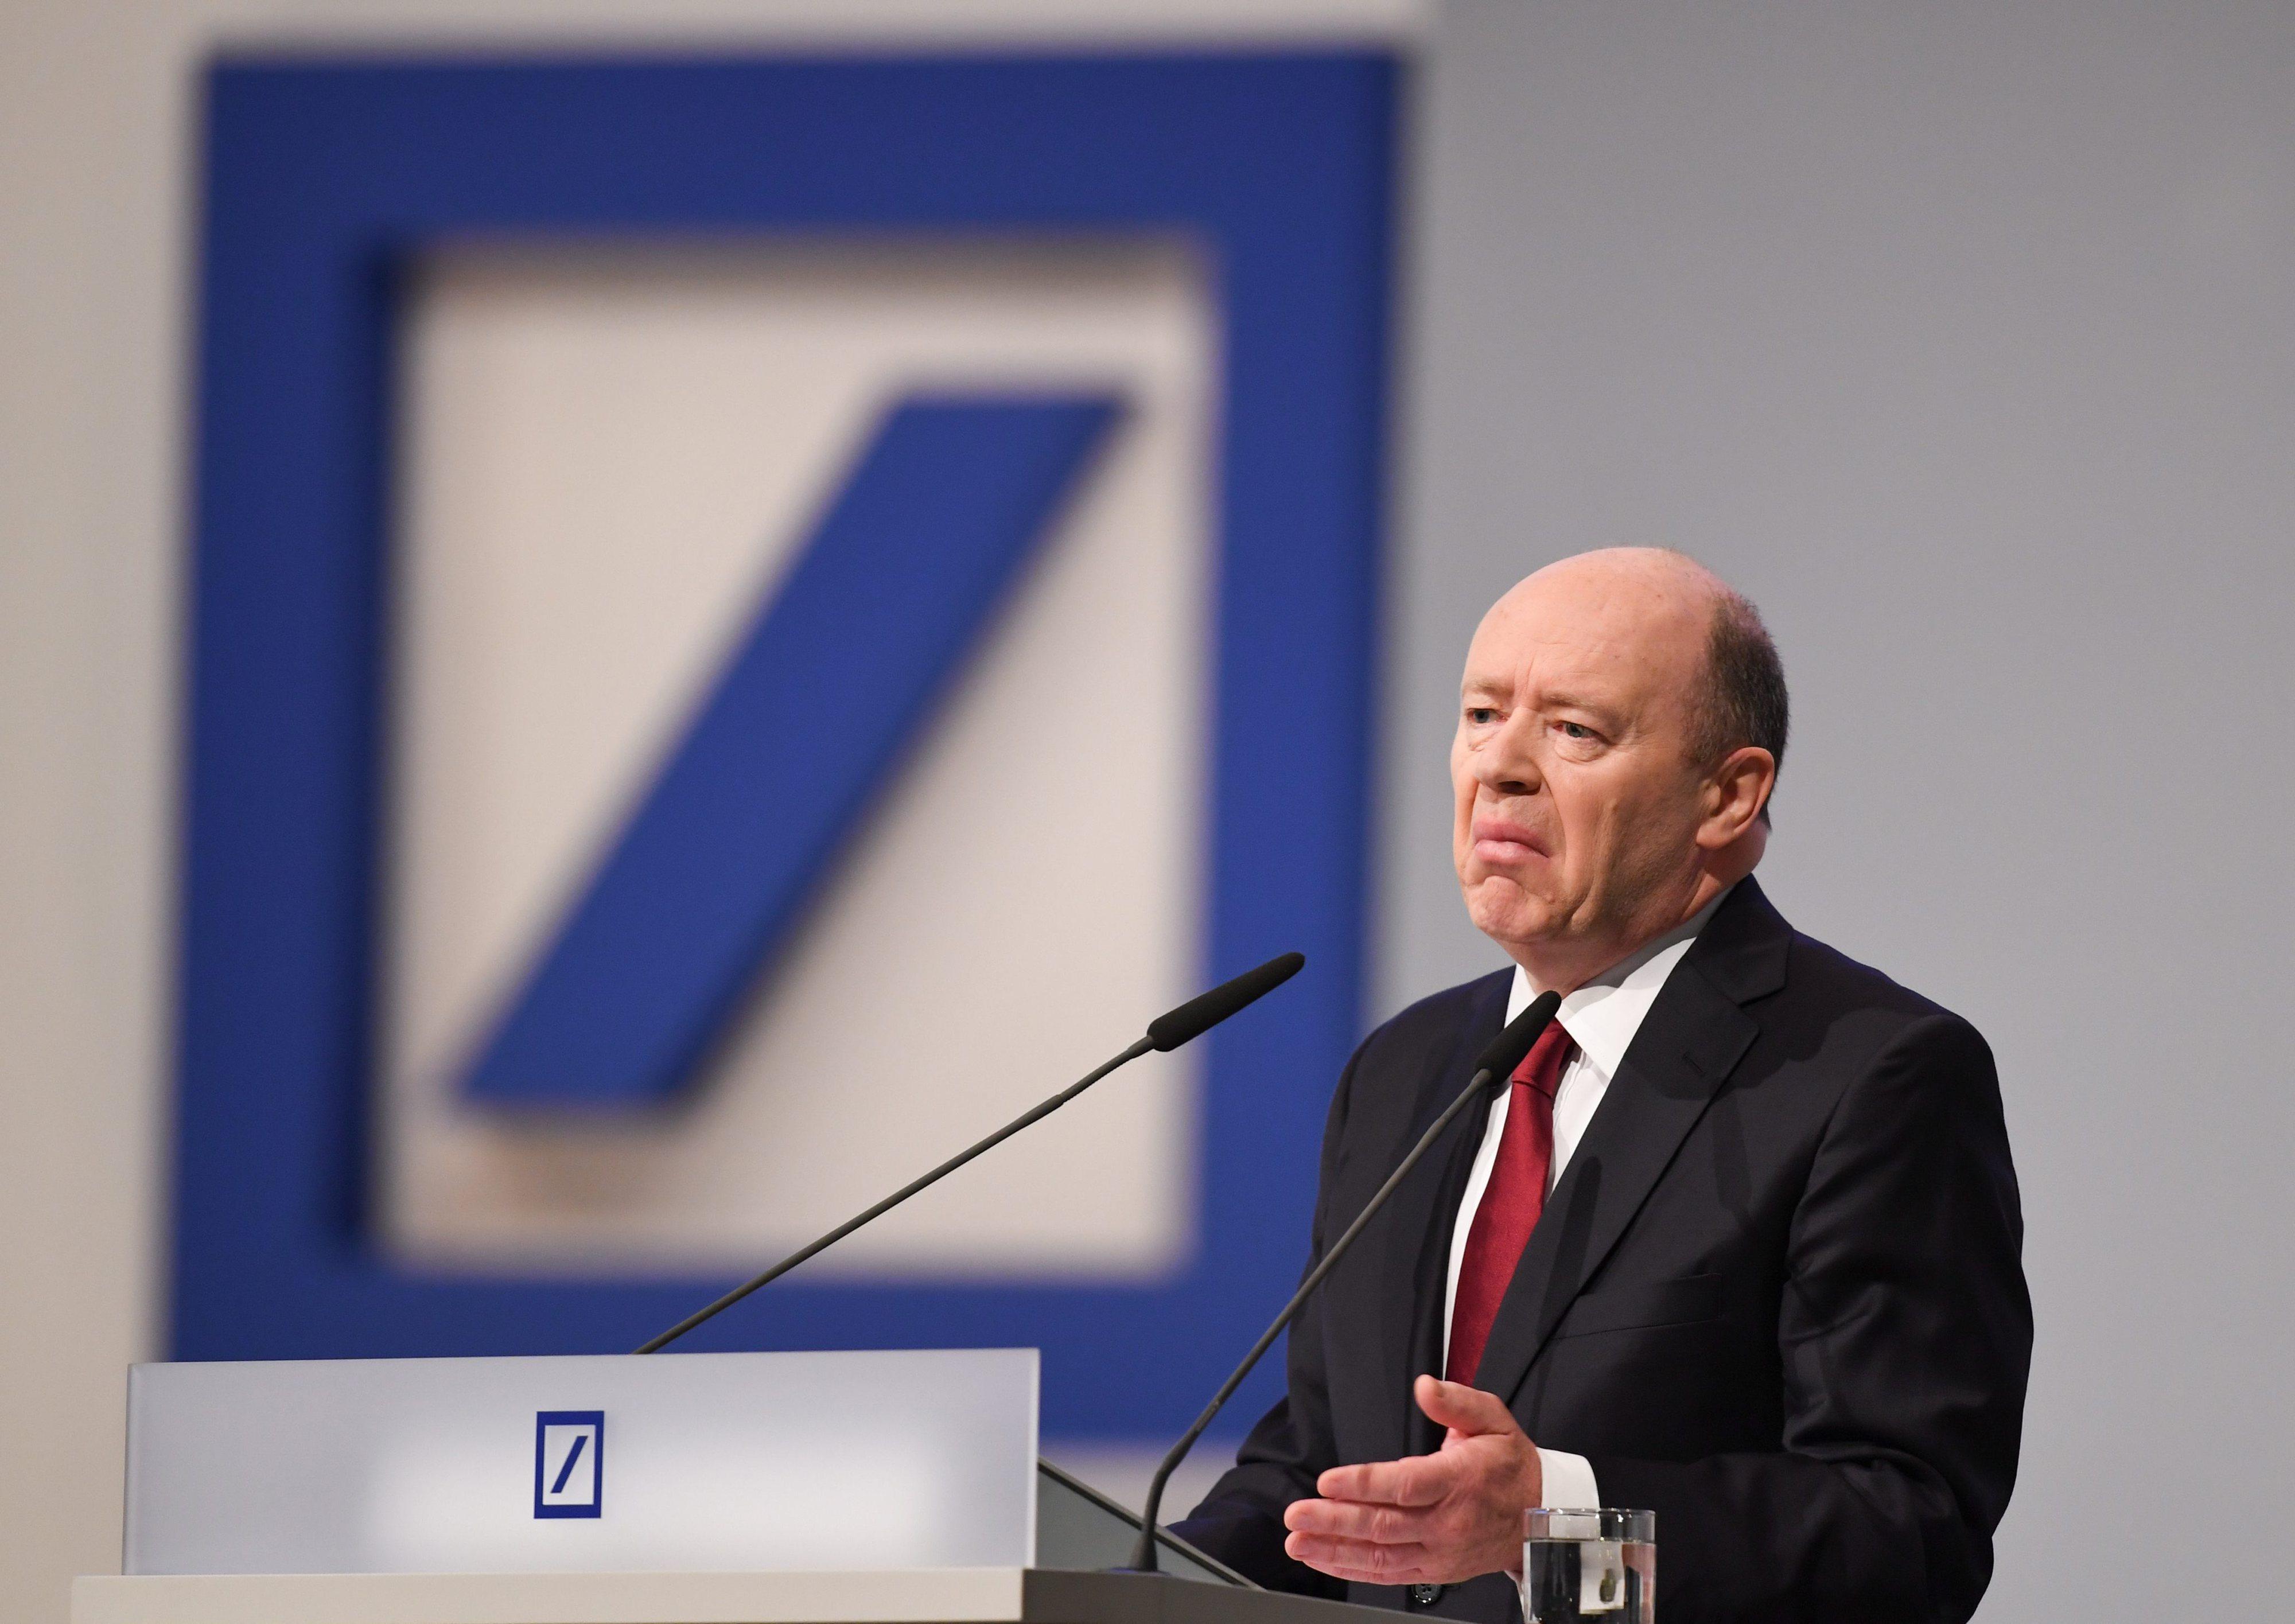 Presidente do Deutsche Bank critica taxas de juro baixas